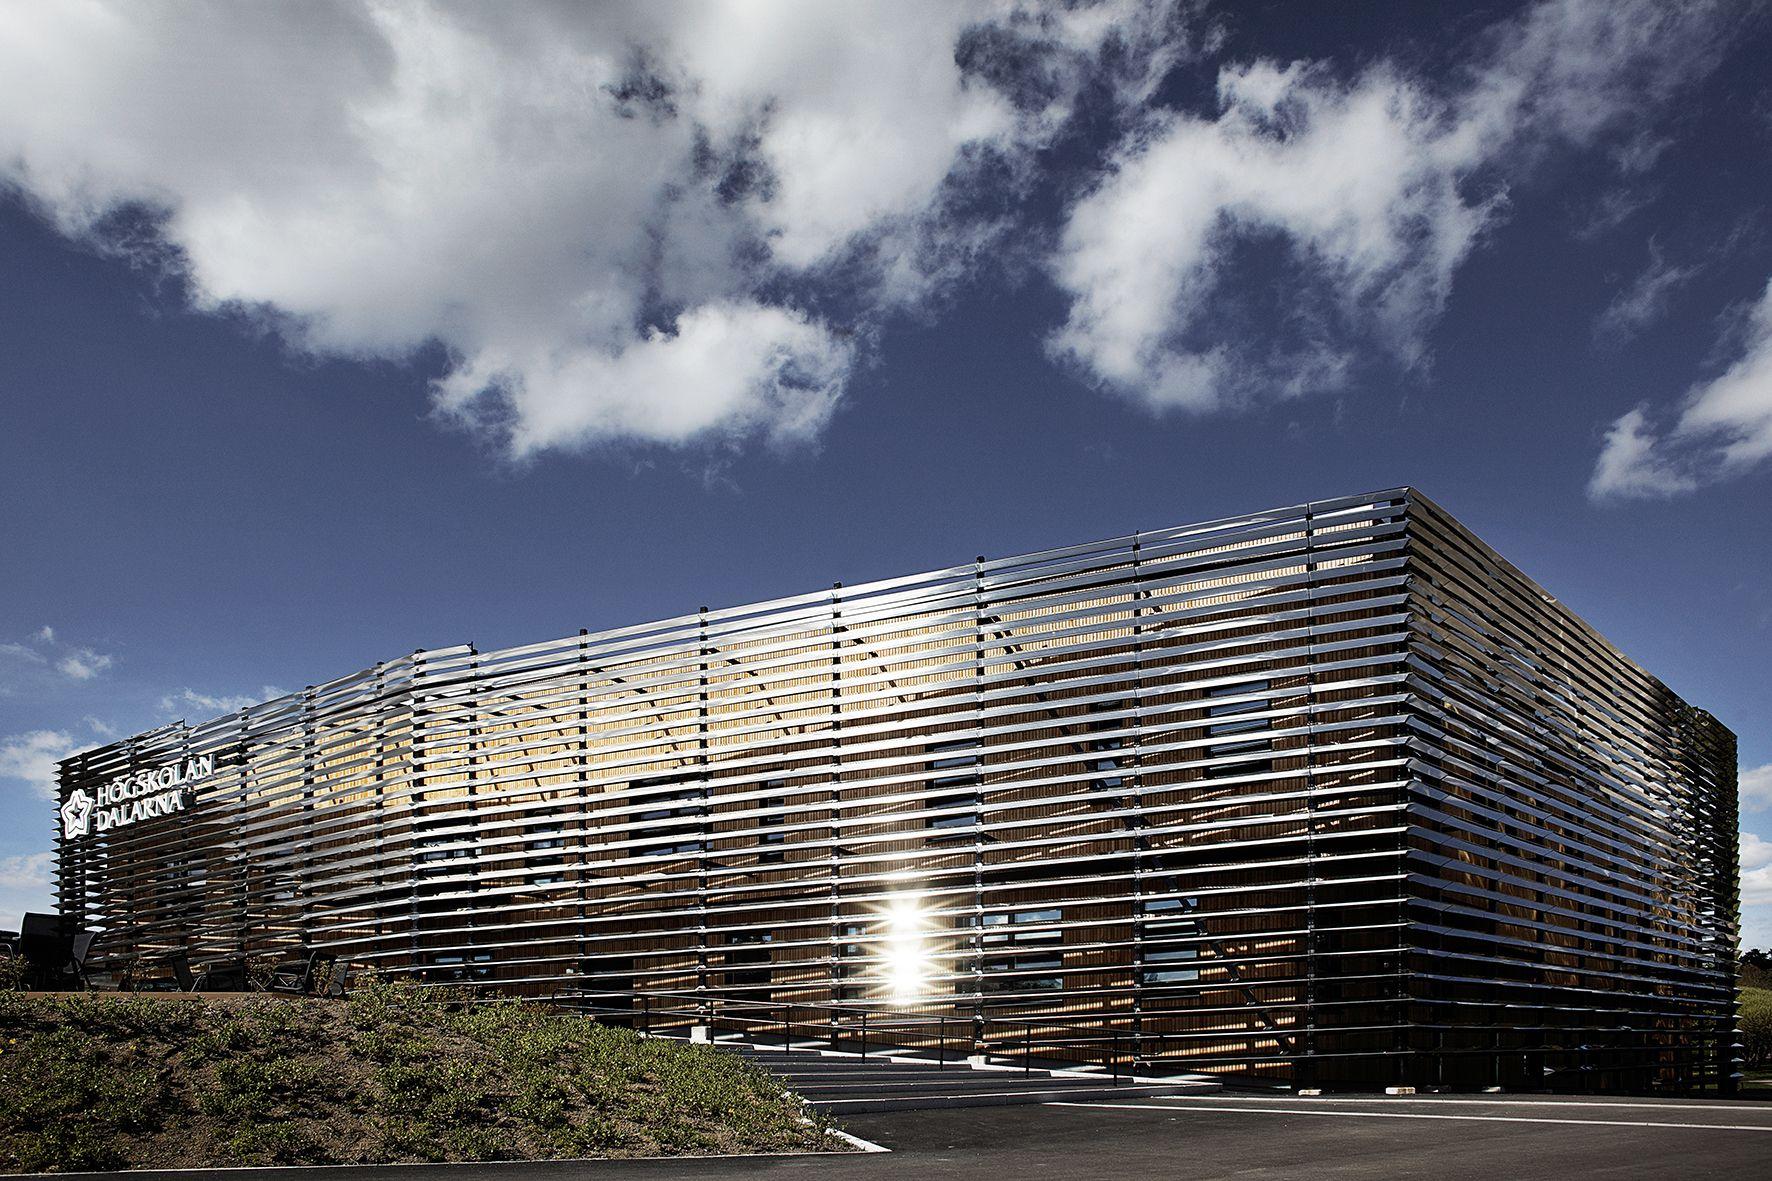 2014年世界建築大獎:得獎名單 瑞典:達拉娜大學多媒體圖書館